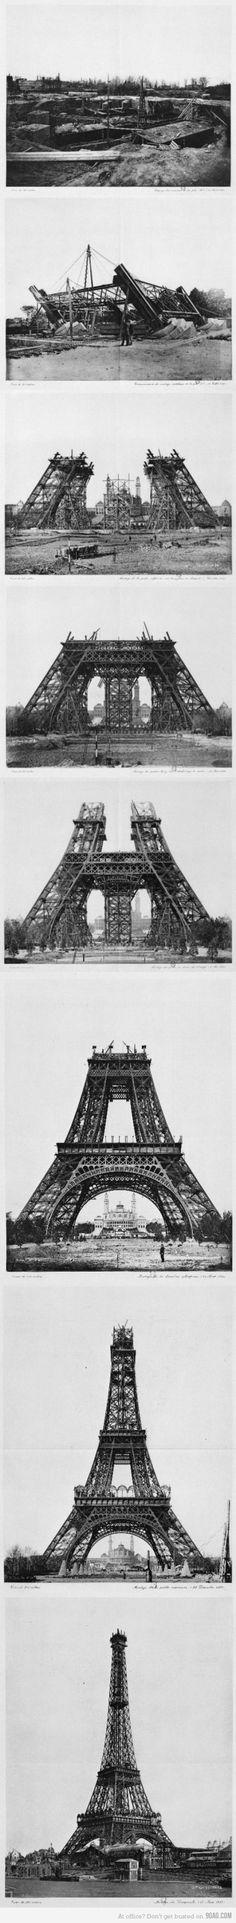 1887-1889 Chantier de la Tour Eiffel